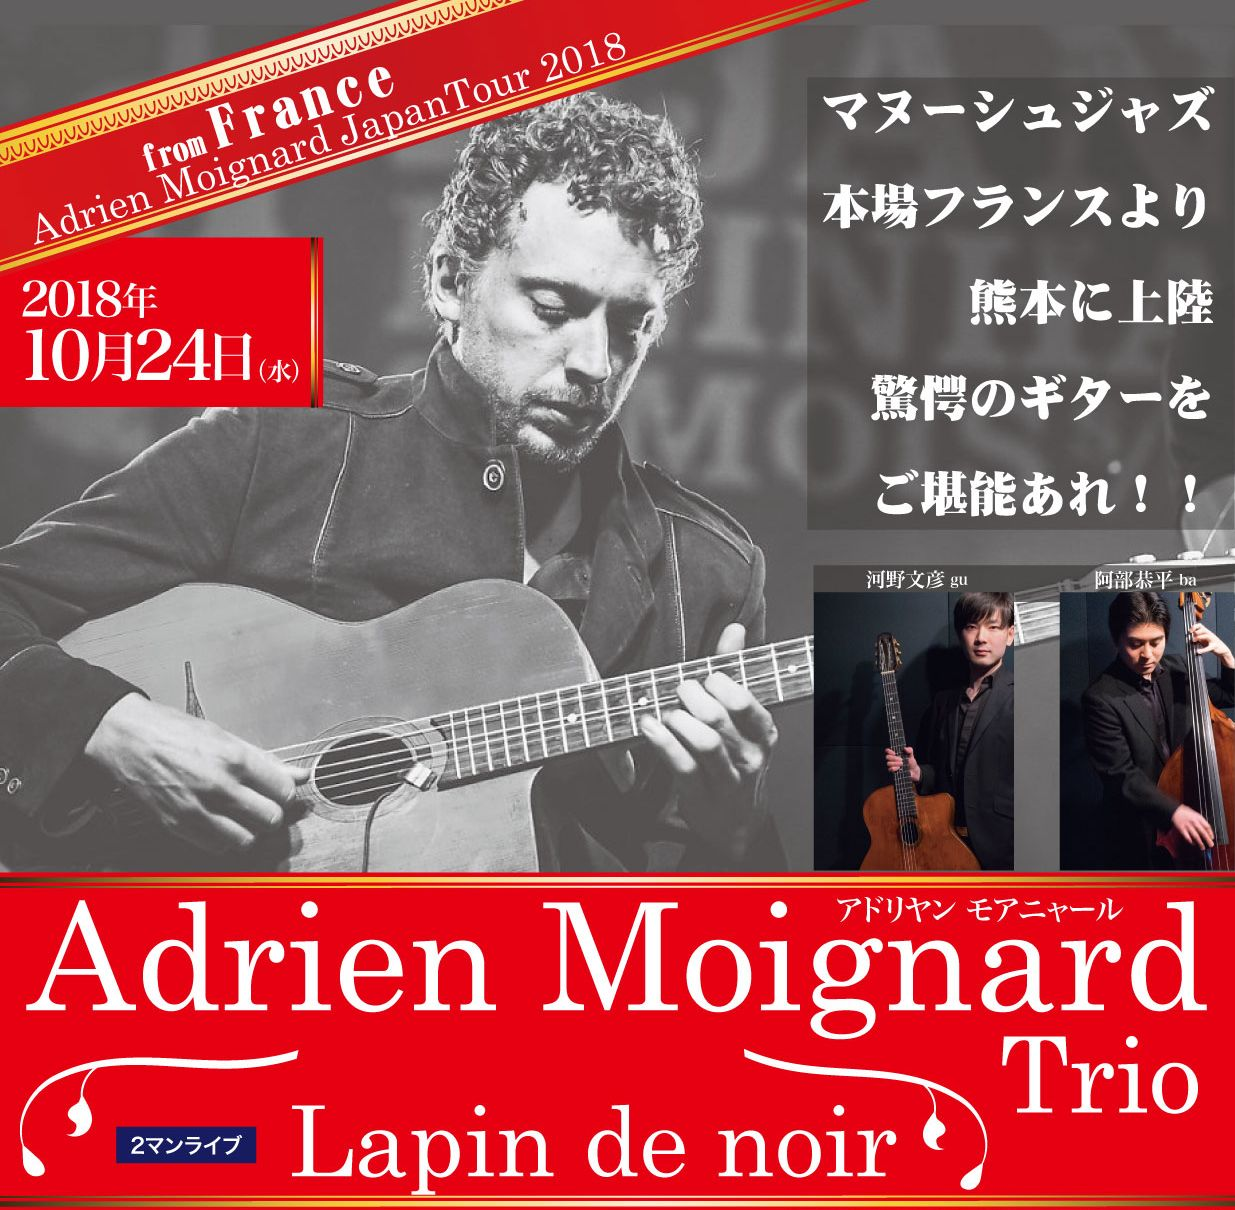 アドリヤン・モアニャール ジャパンツアー2018 in 熊本